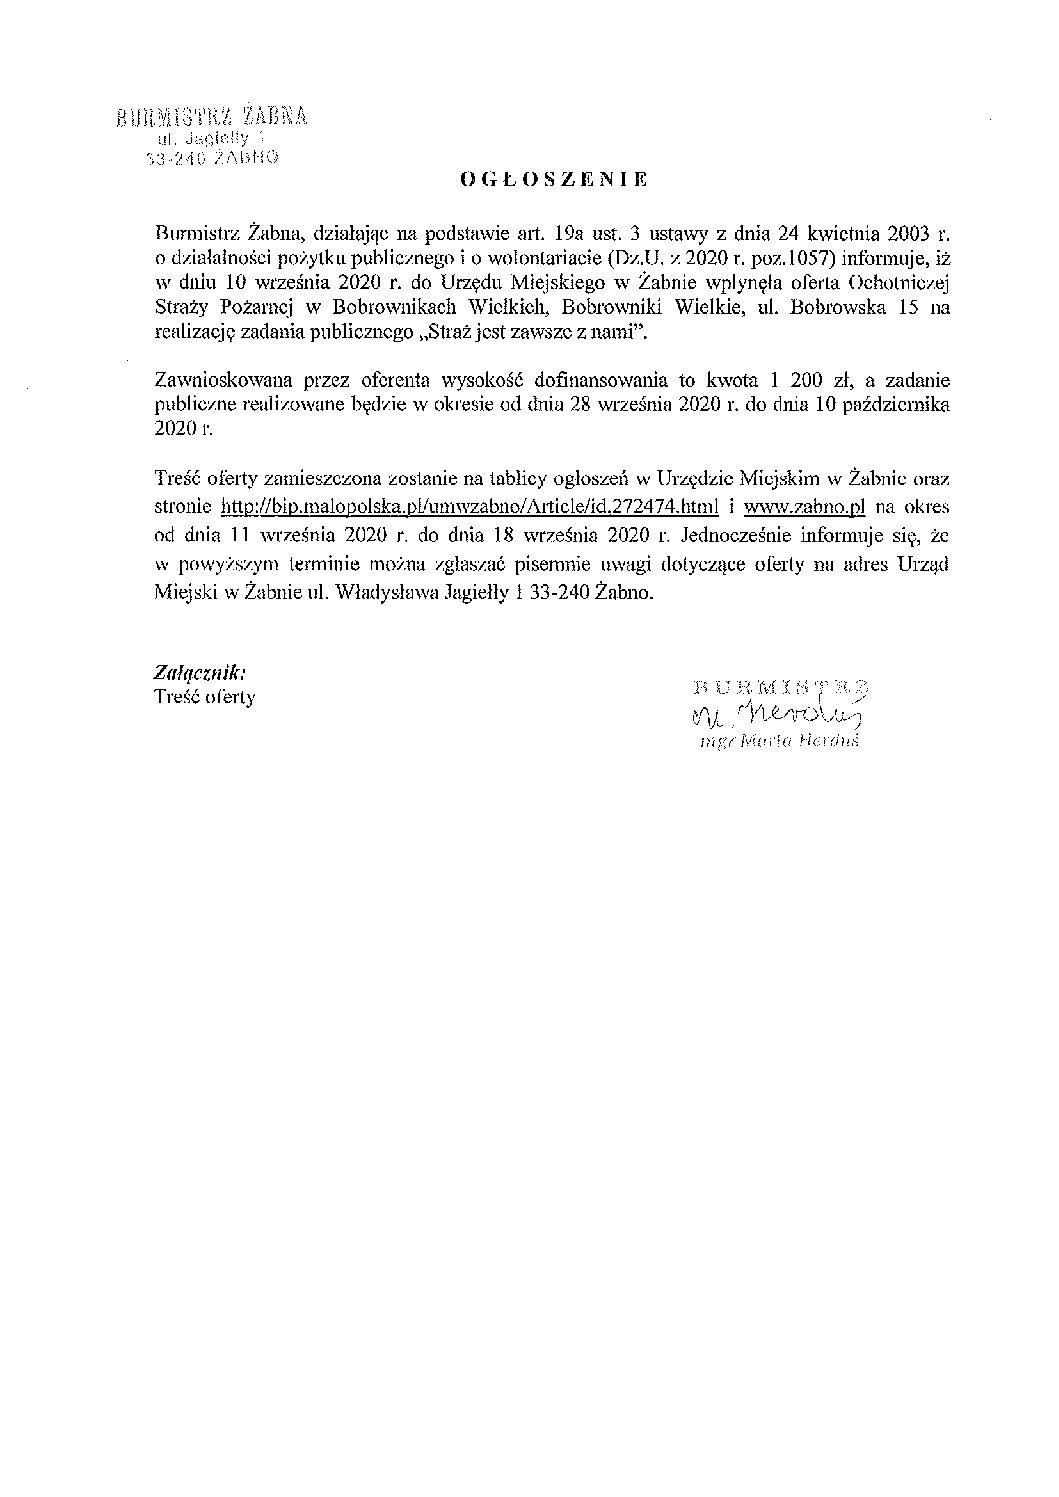 """Burmistrz Żabna informuje, iż w dniu 10 września 2020 r. do Urzędu Miejskiego w Żabnie wpłynęła oferta Ochotniczej Straży Pożarnej w Bobrownikach Wielkich, na realizację zadania publicznego """"Straż jest zawsze z nami""""."""